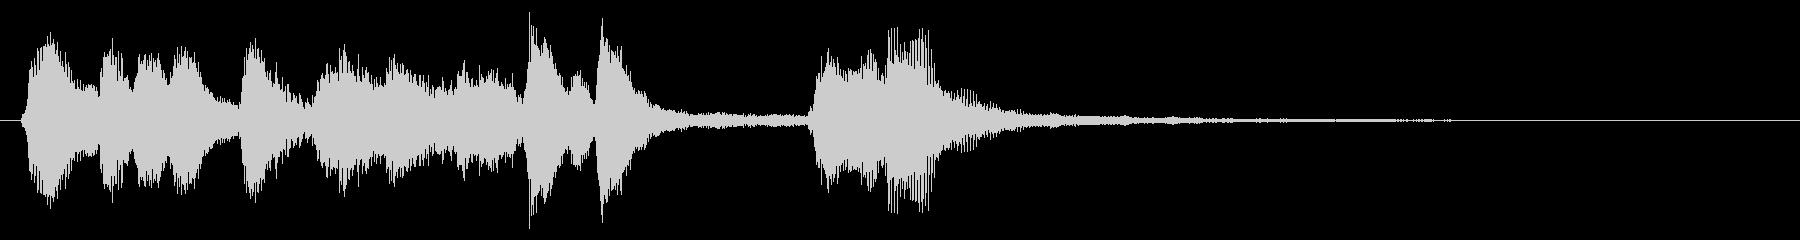 コミカルなクラリネットのジングル01の未再生の波形